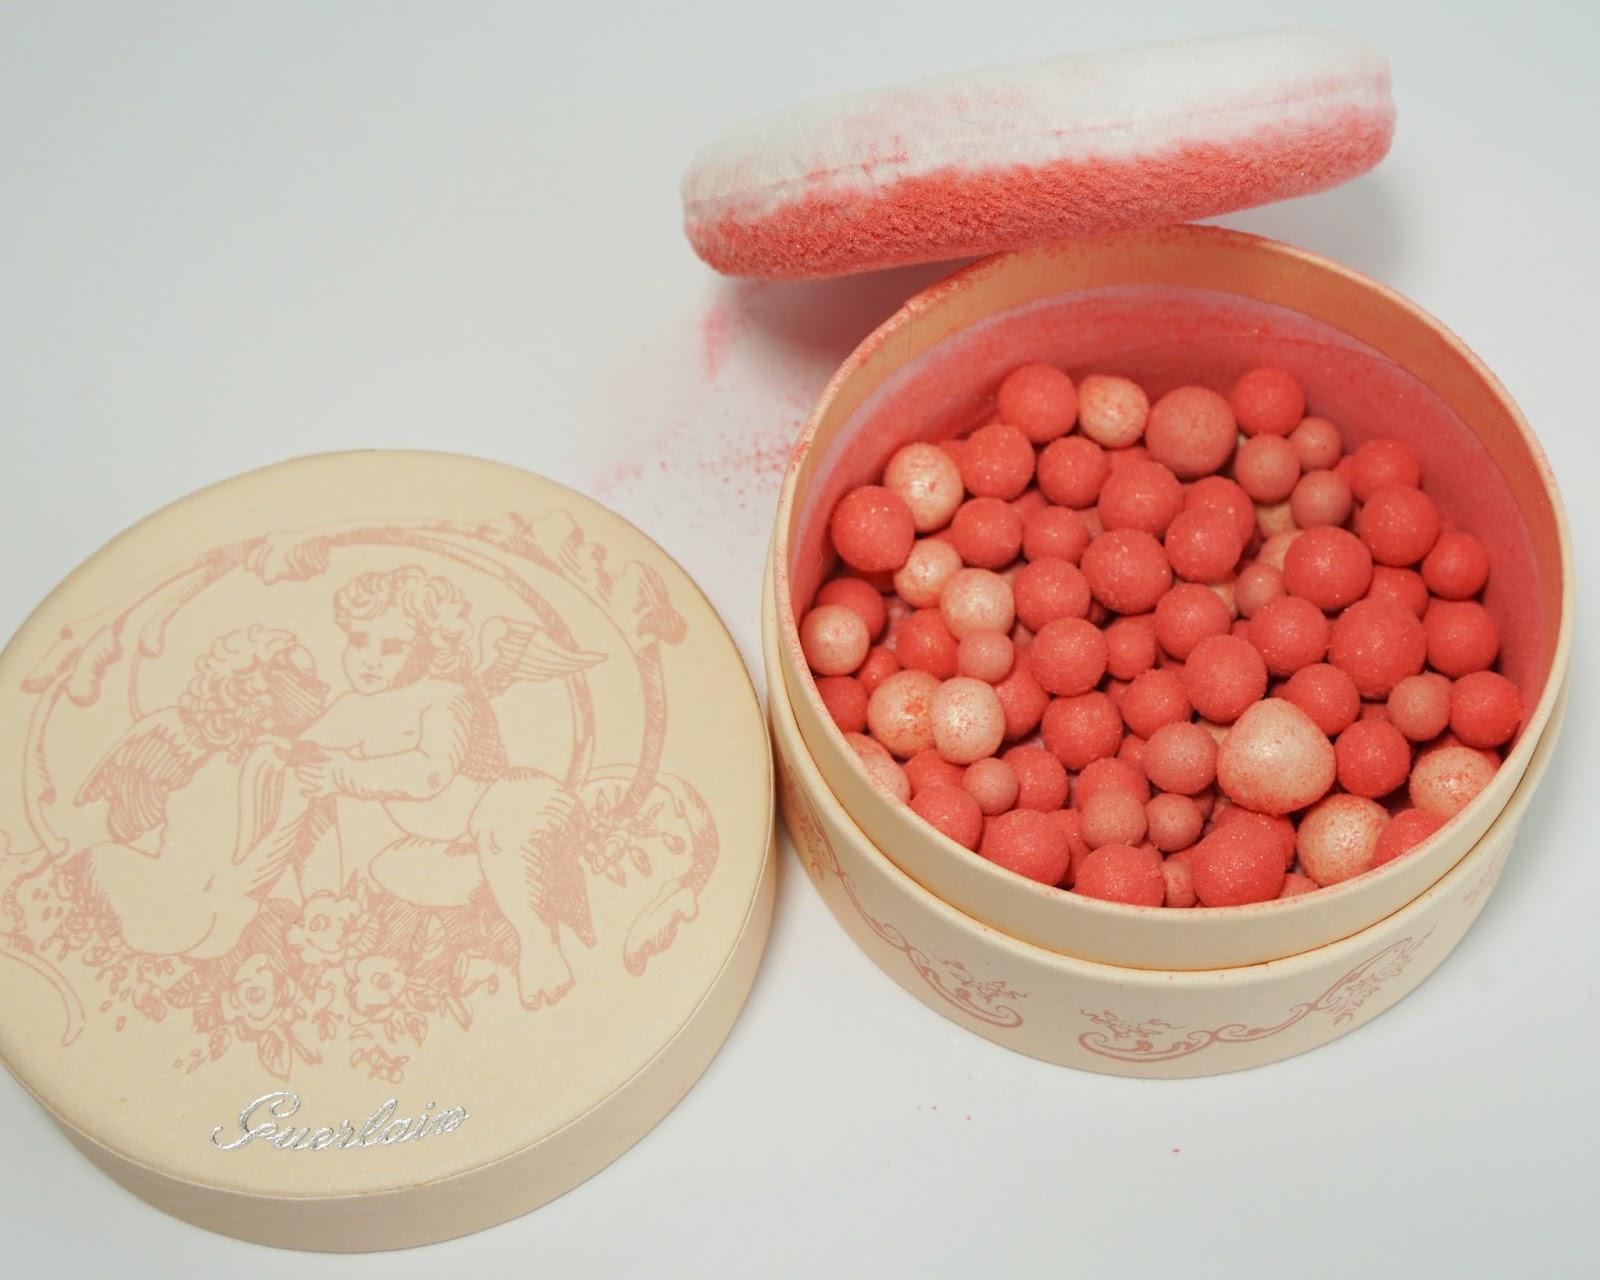 Guerlain - Météorites Perles de Blush